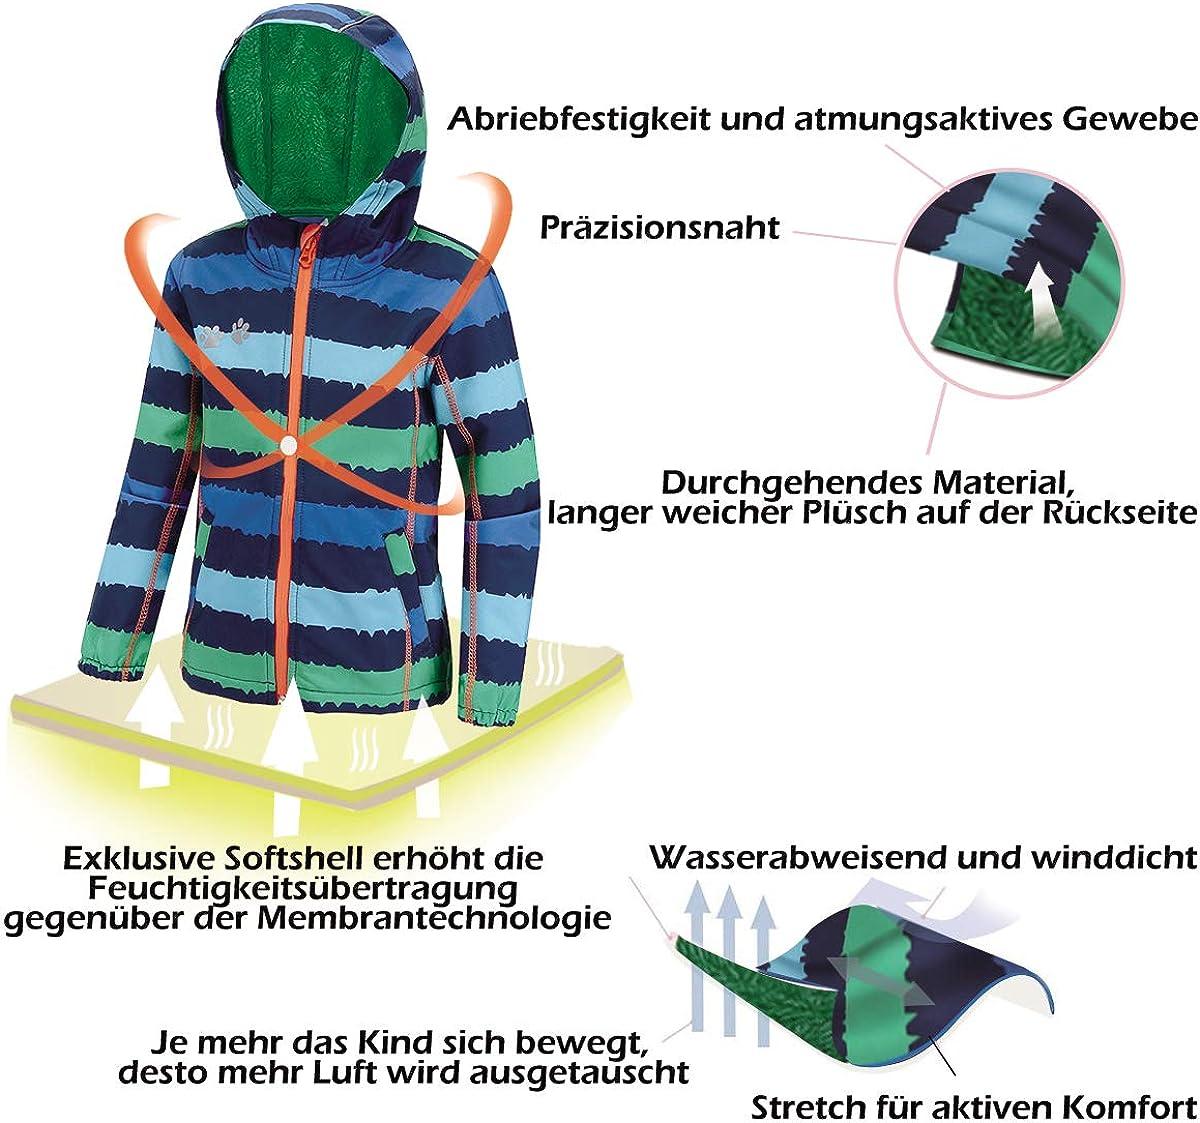 umkaumka Softshell Jacke f/ür Kinder Fleece gef/üttert mit Kapuze 1-7 Jahre Softshelljacke Jungen M/ädchen /Übergangsjacke mit Reflektoren